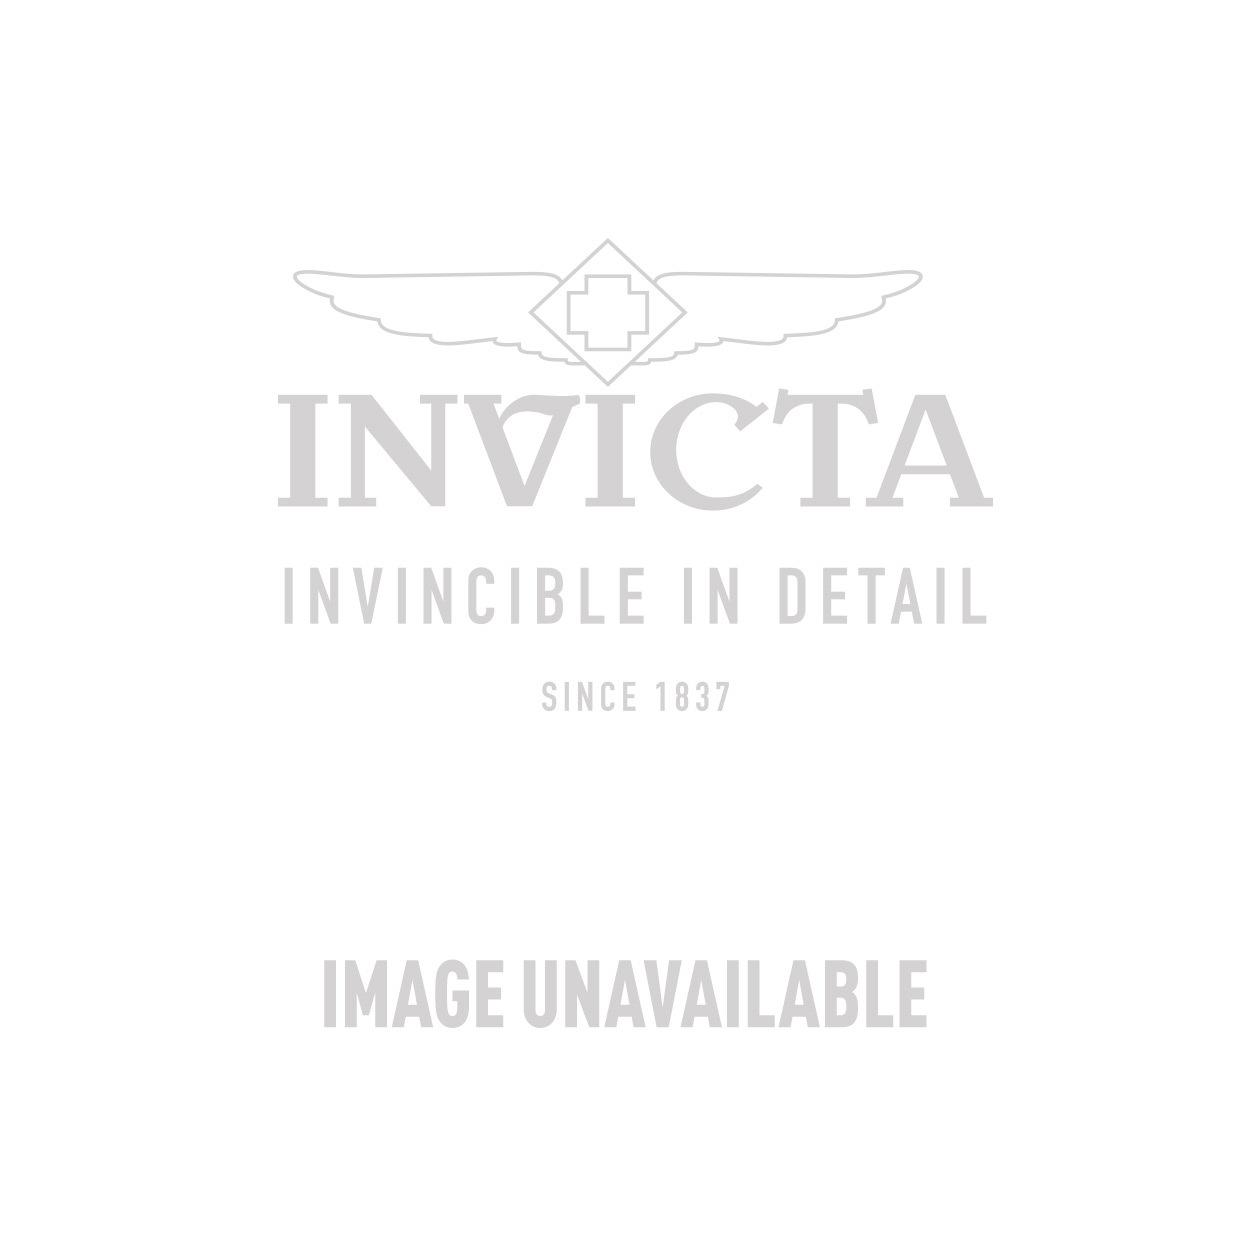 Invicta Model 22131